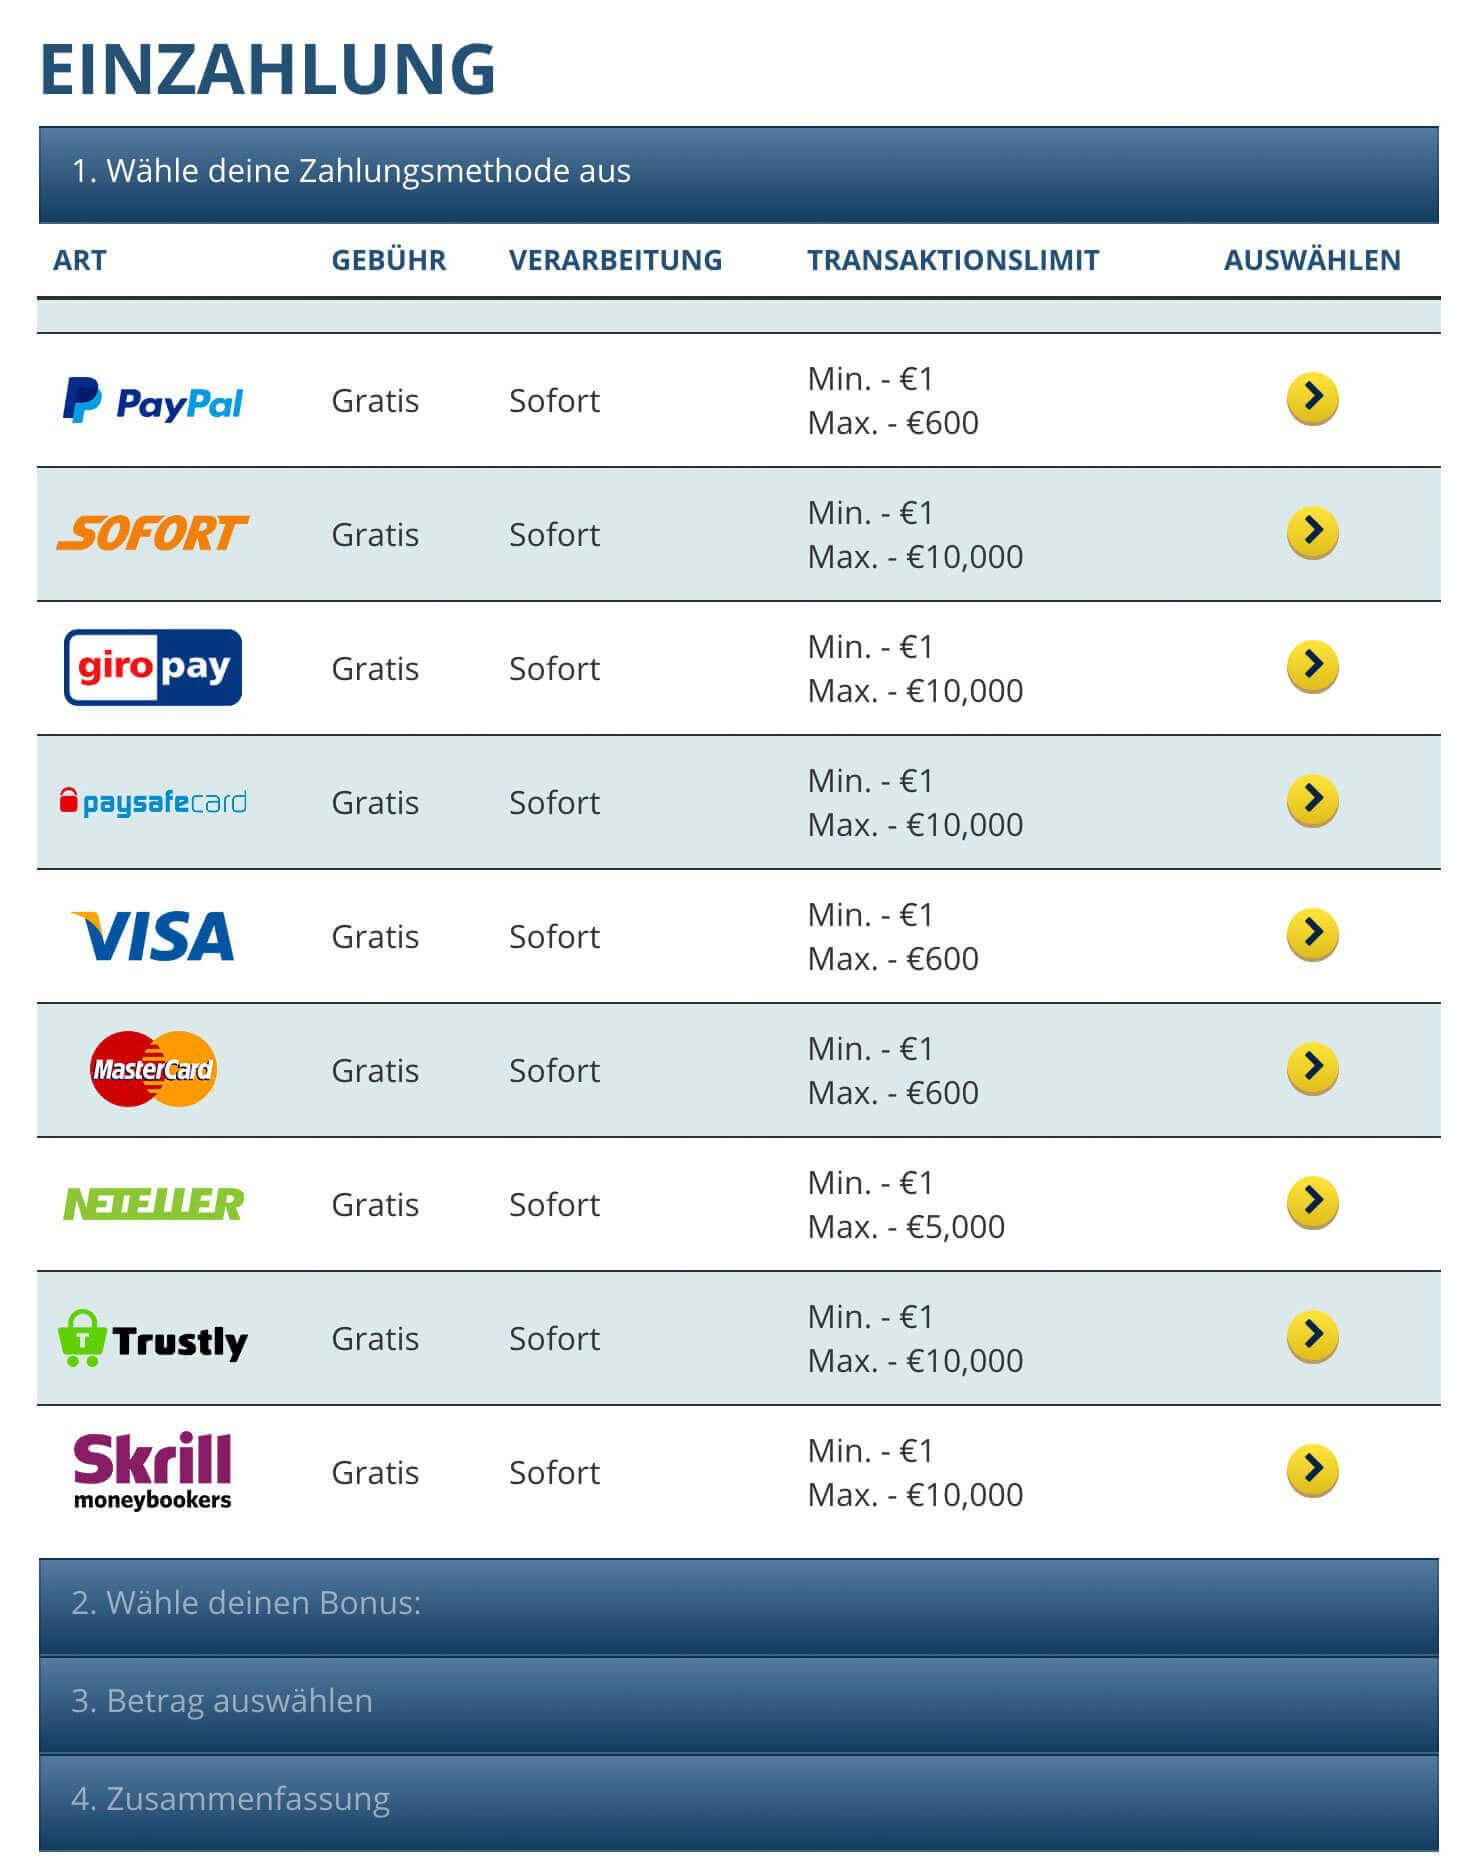 25 Euro Berapa Rupiah : berapa, rupiah, Online, Casino, Deposit, Tapebrown